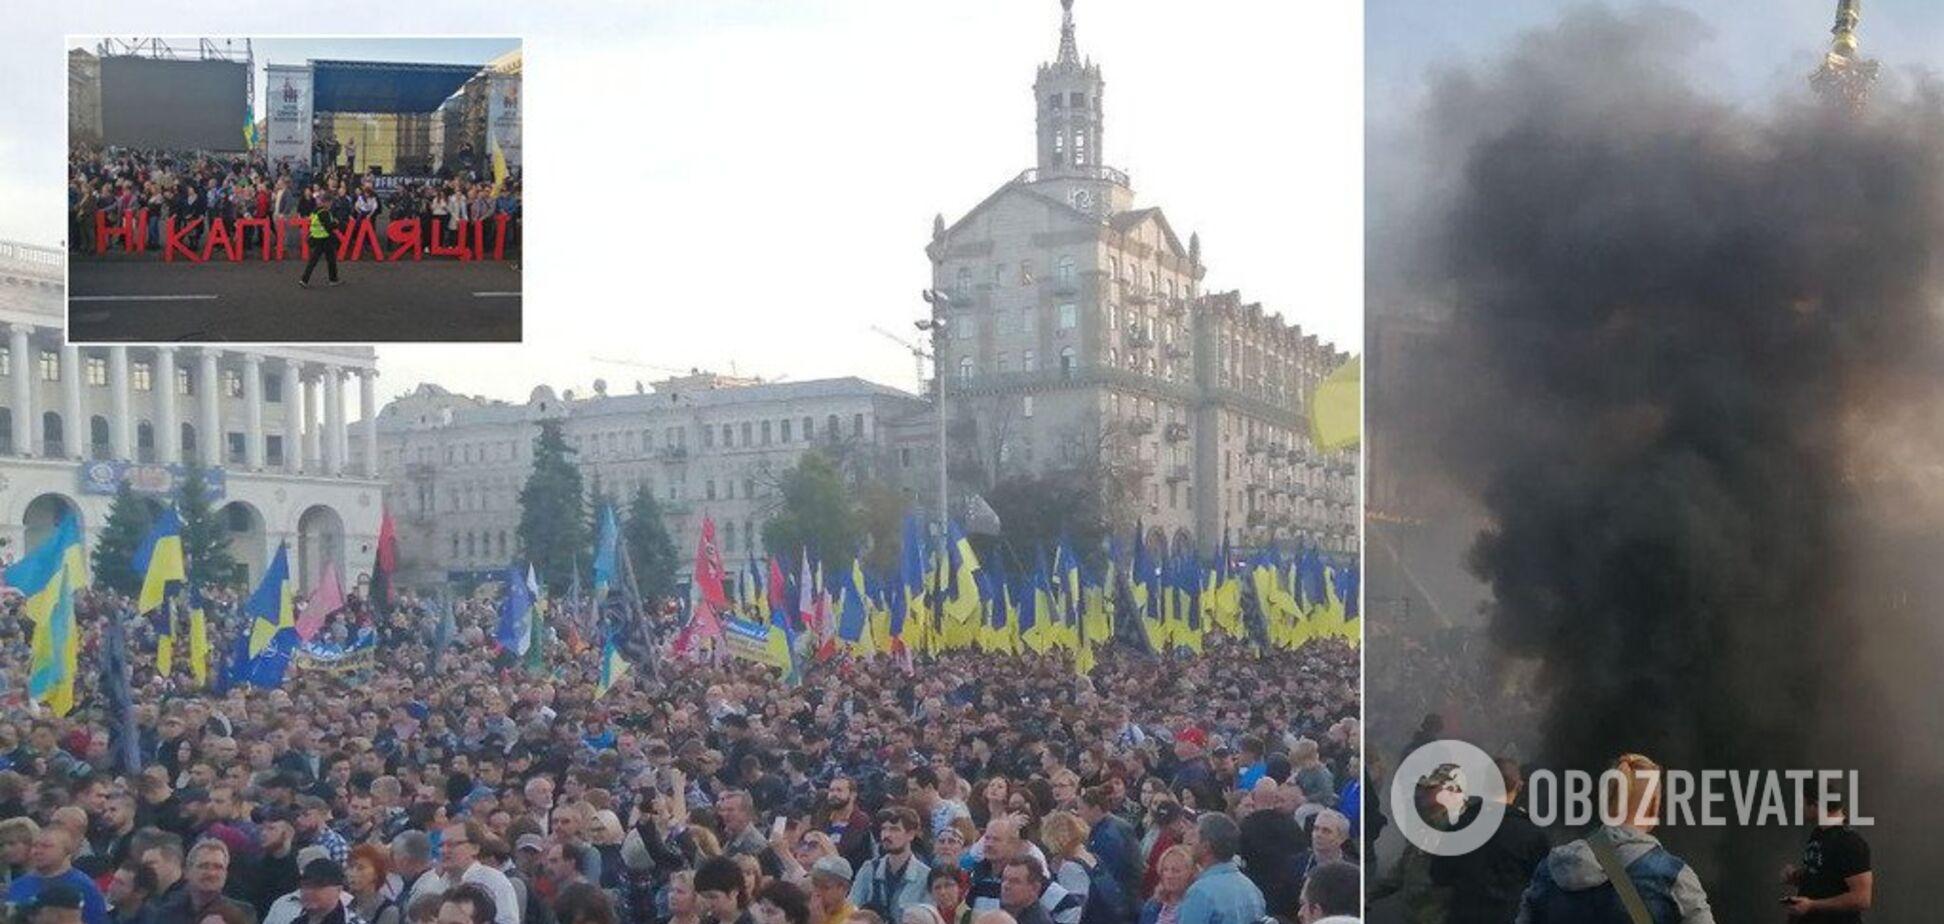 Майдан у диму, палили фаєри: як пройшли протести в Києві. Фото і відео